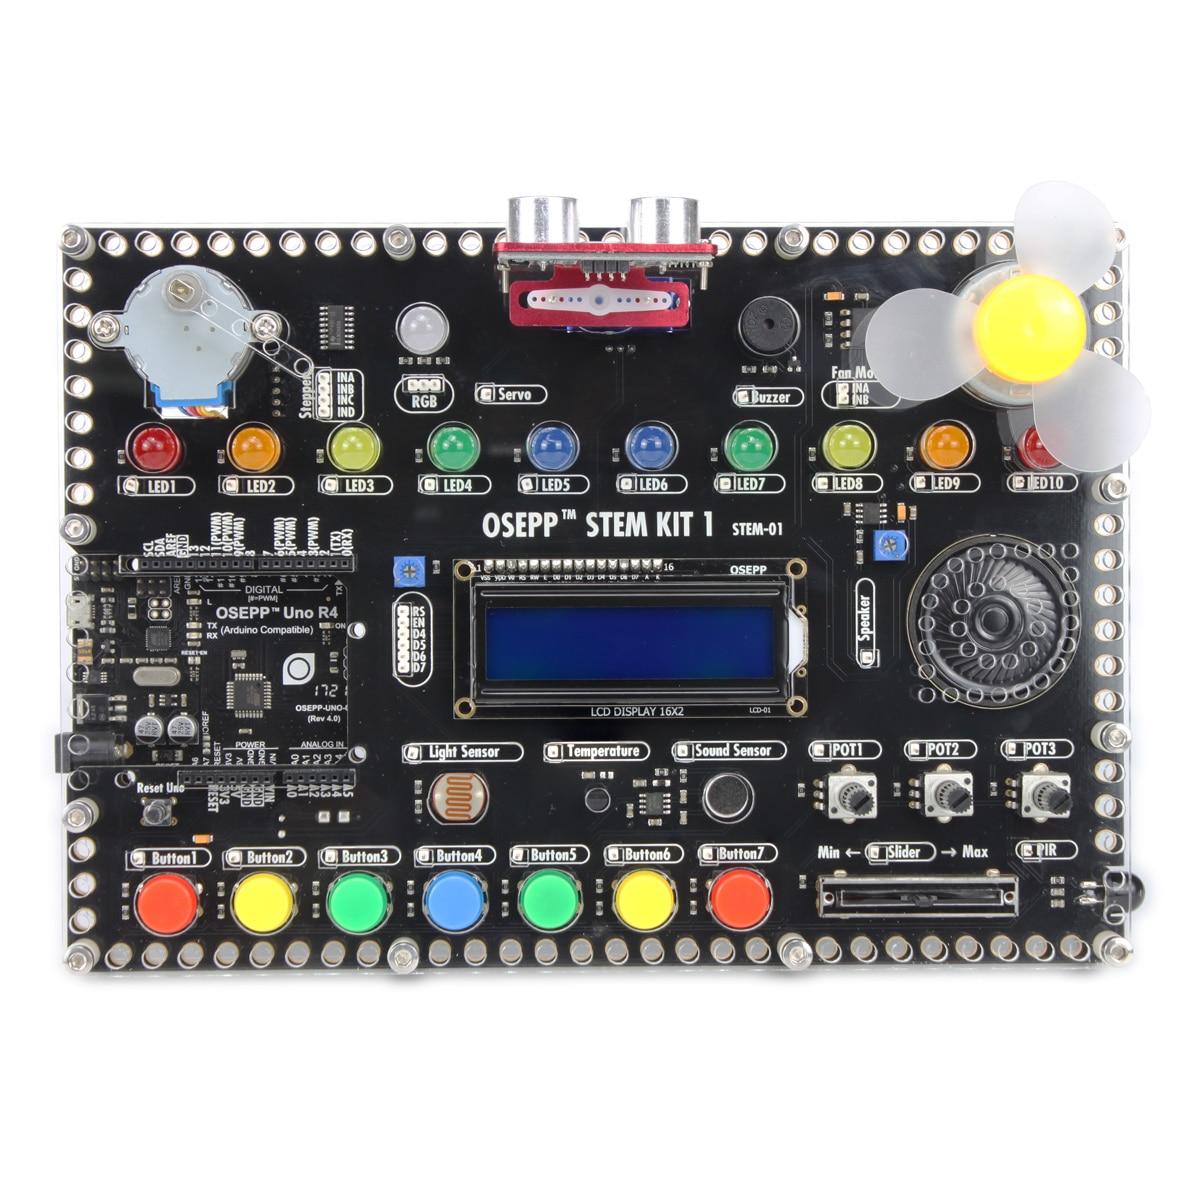 Osepp Stem Hub Alles In Een Geïntegreerde Ontwikkelomgeving-Arduino Start Kit Voor Programmering Elektronische Beginer 1